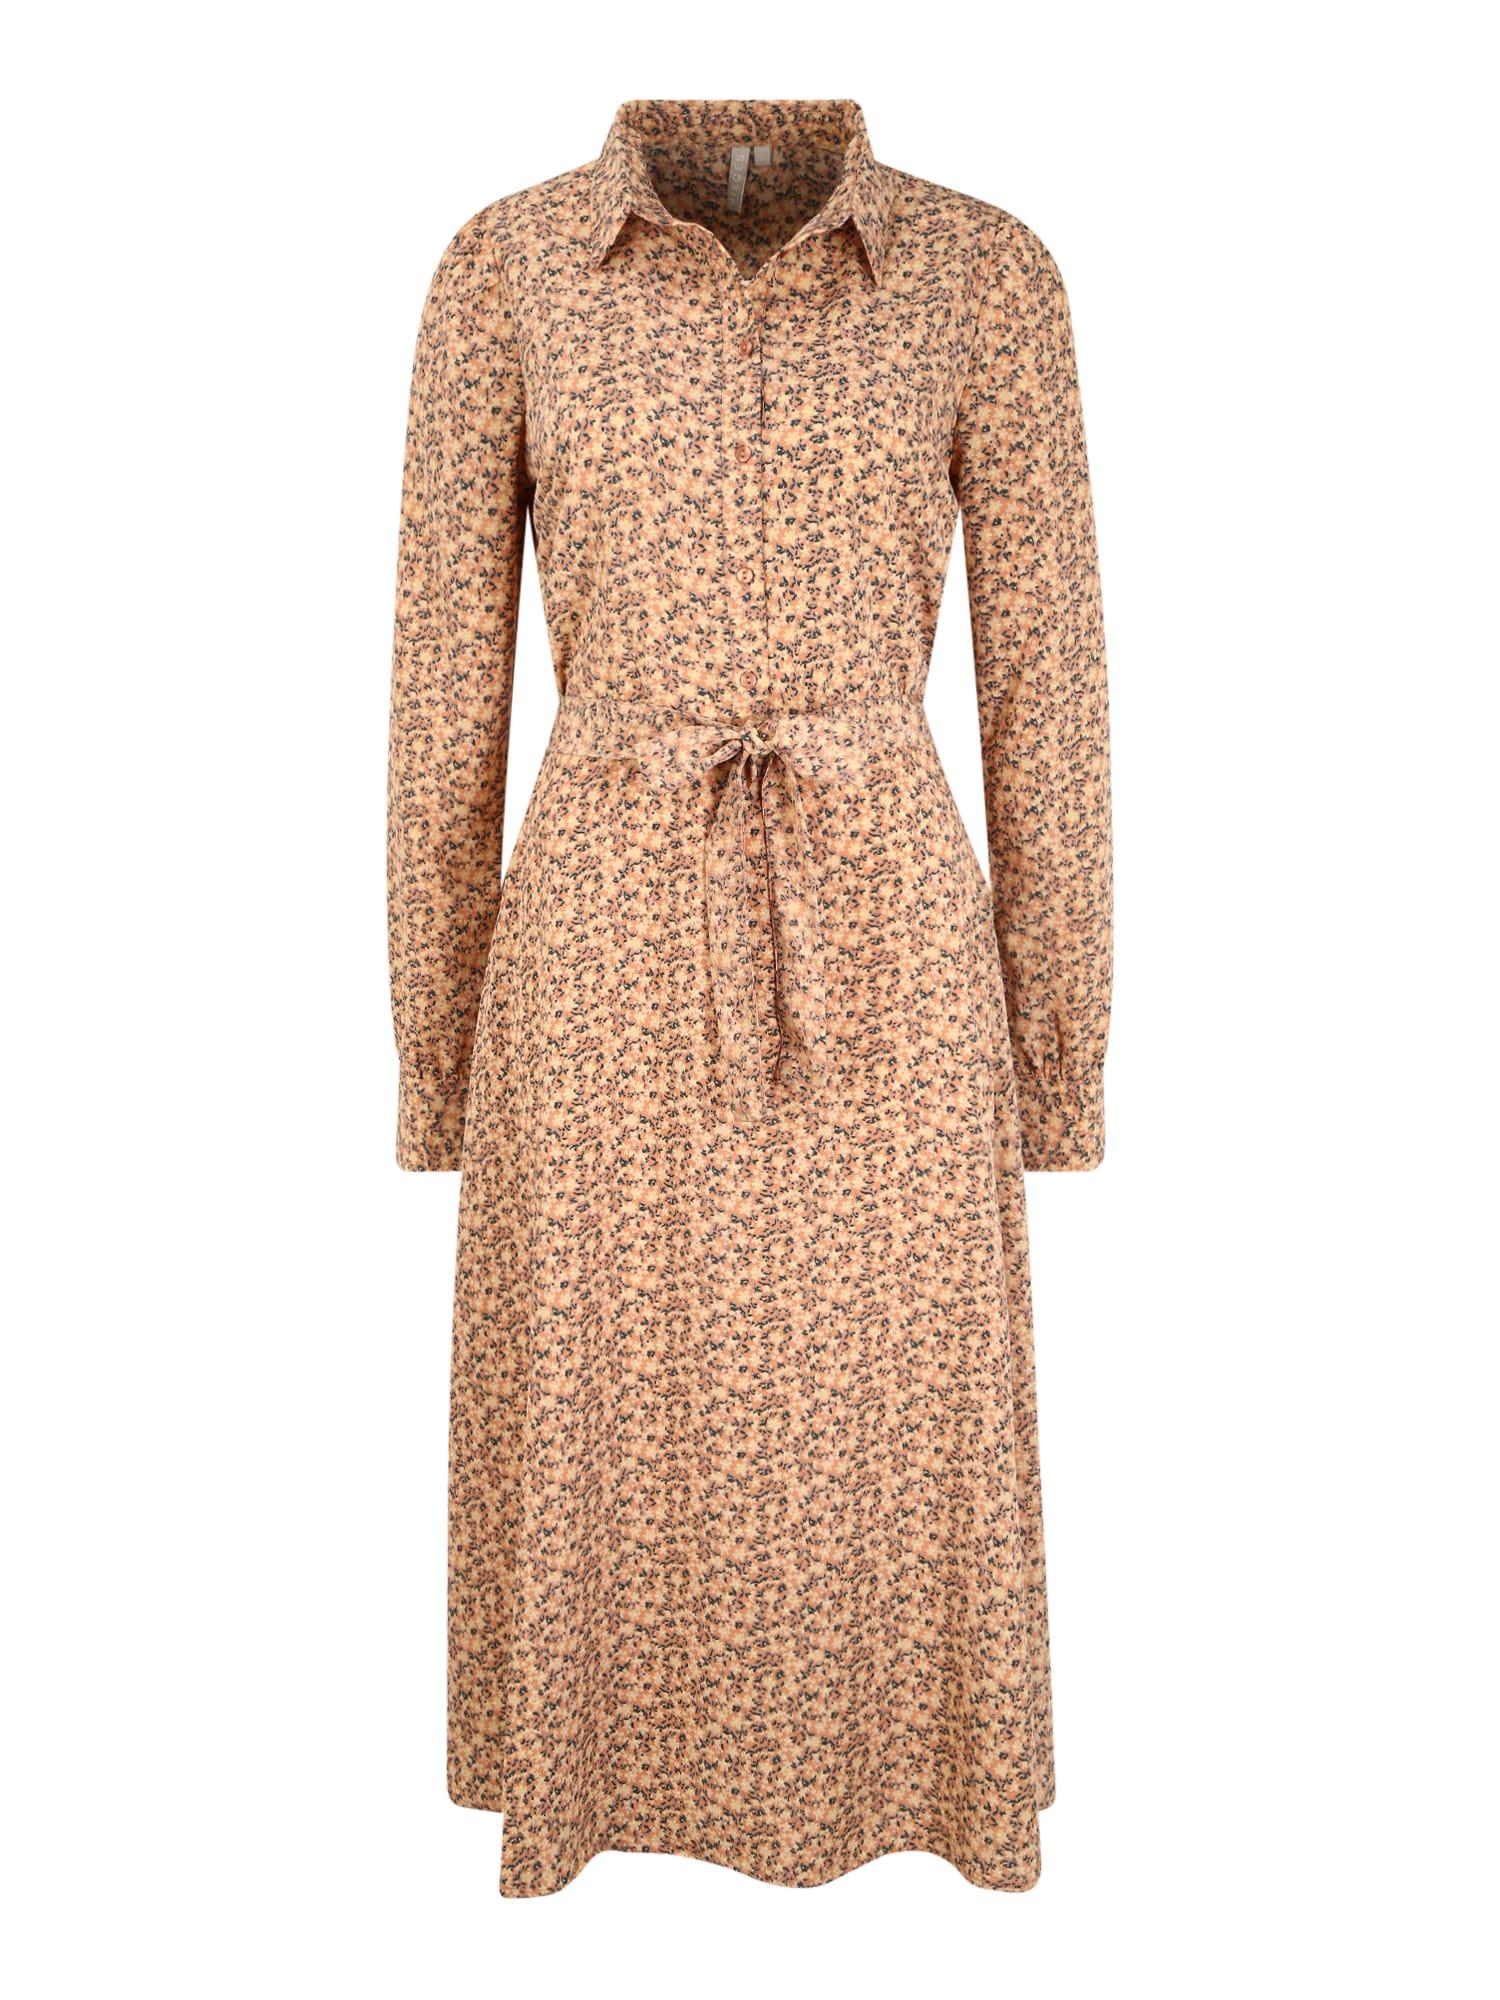 Pieces (Tall) Palaidinės tipo suknelė mišrios spalvos